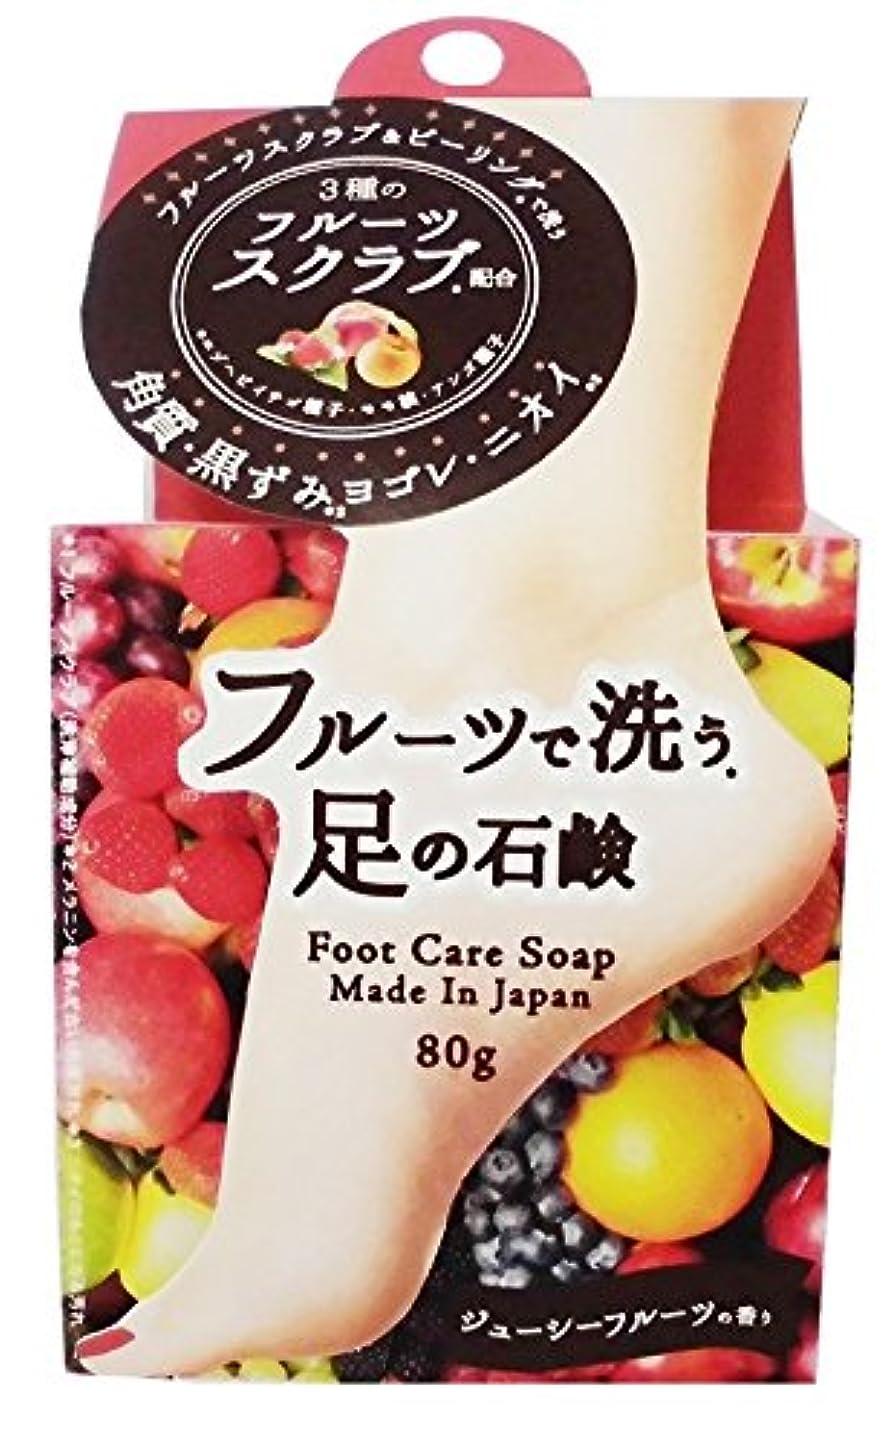 スパイラル明日雰囲気ペリカン石鹸 フルーツで洗う足の石鹸 80g